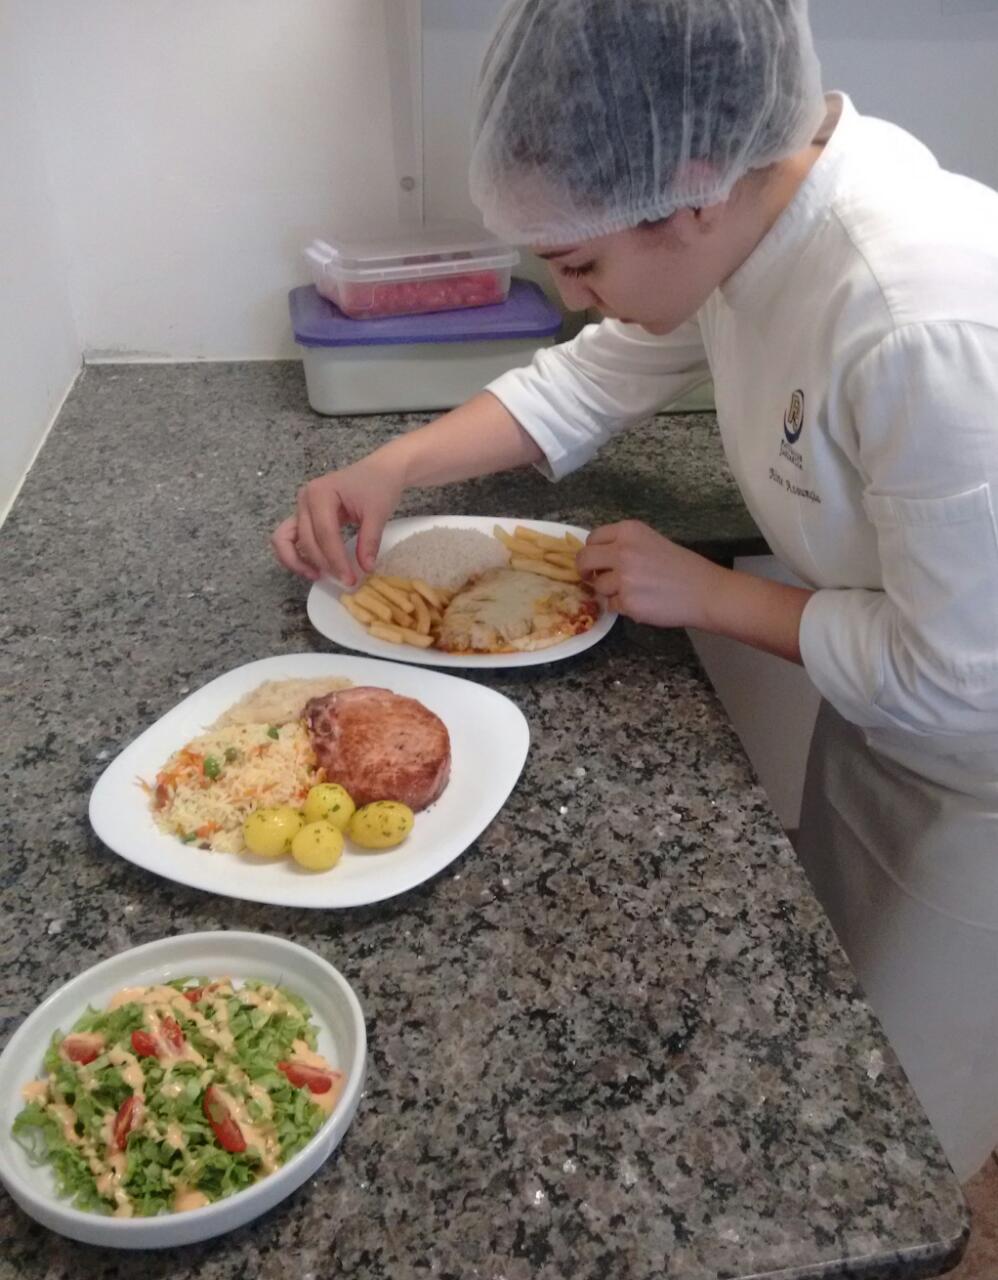 Gradua O E Est Gio Estudante De Gastronomia Da Unifaj Destaca  ~ Namorado Que Cozinha Agrega